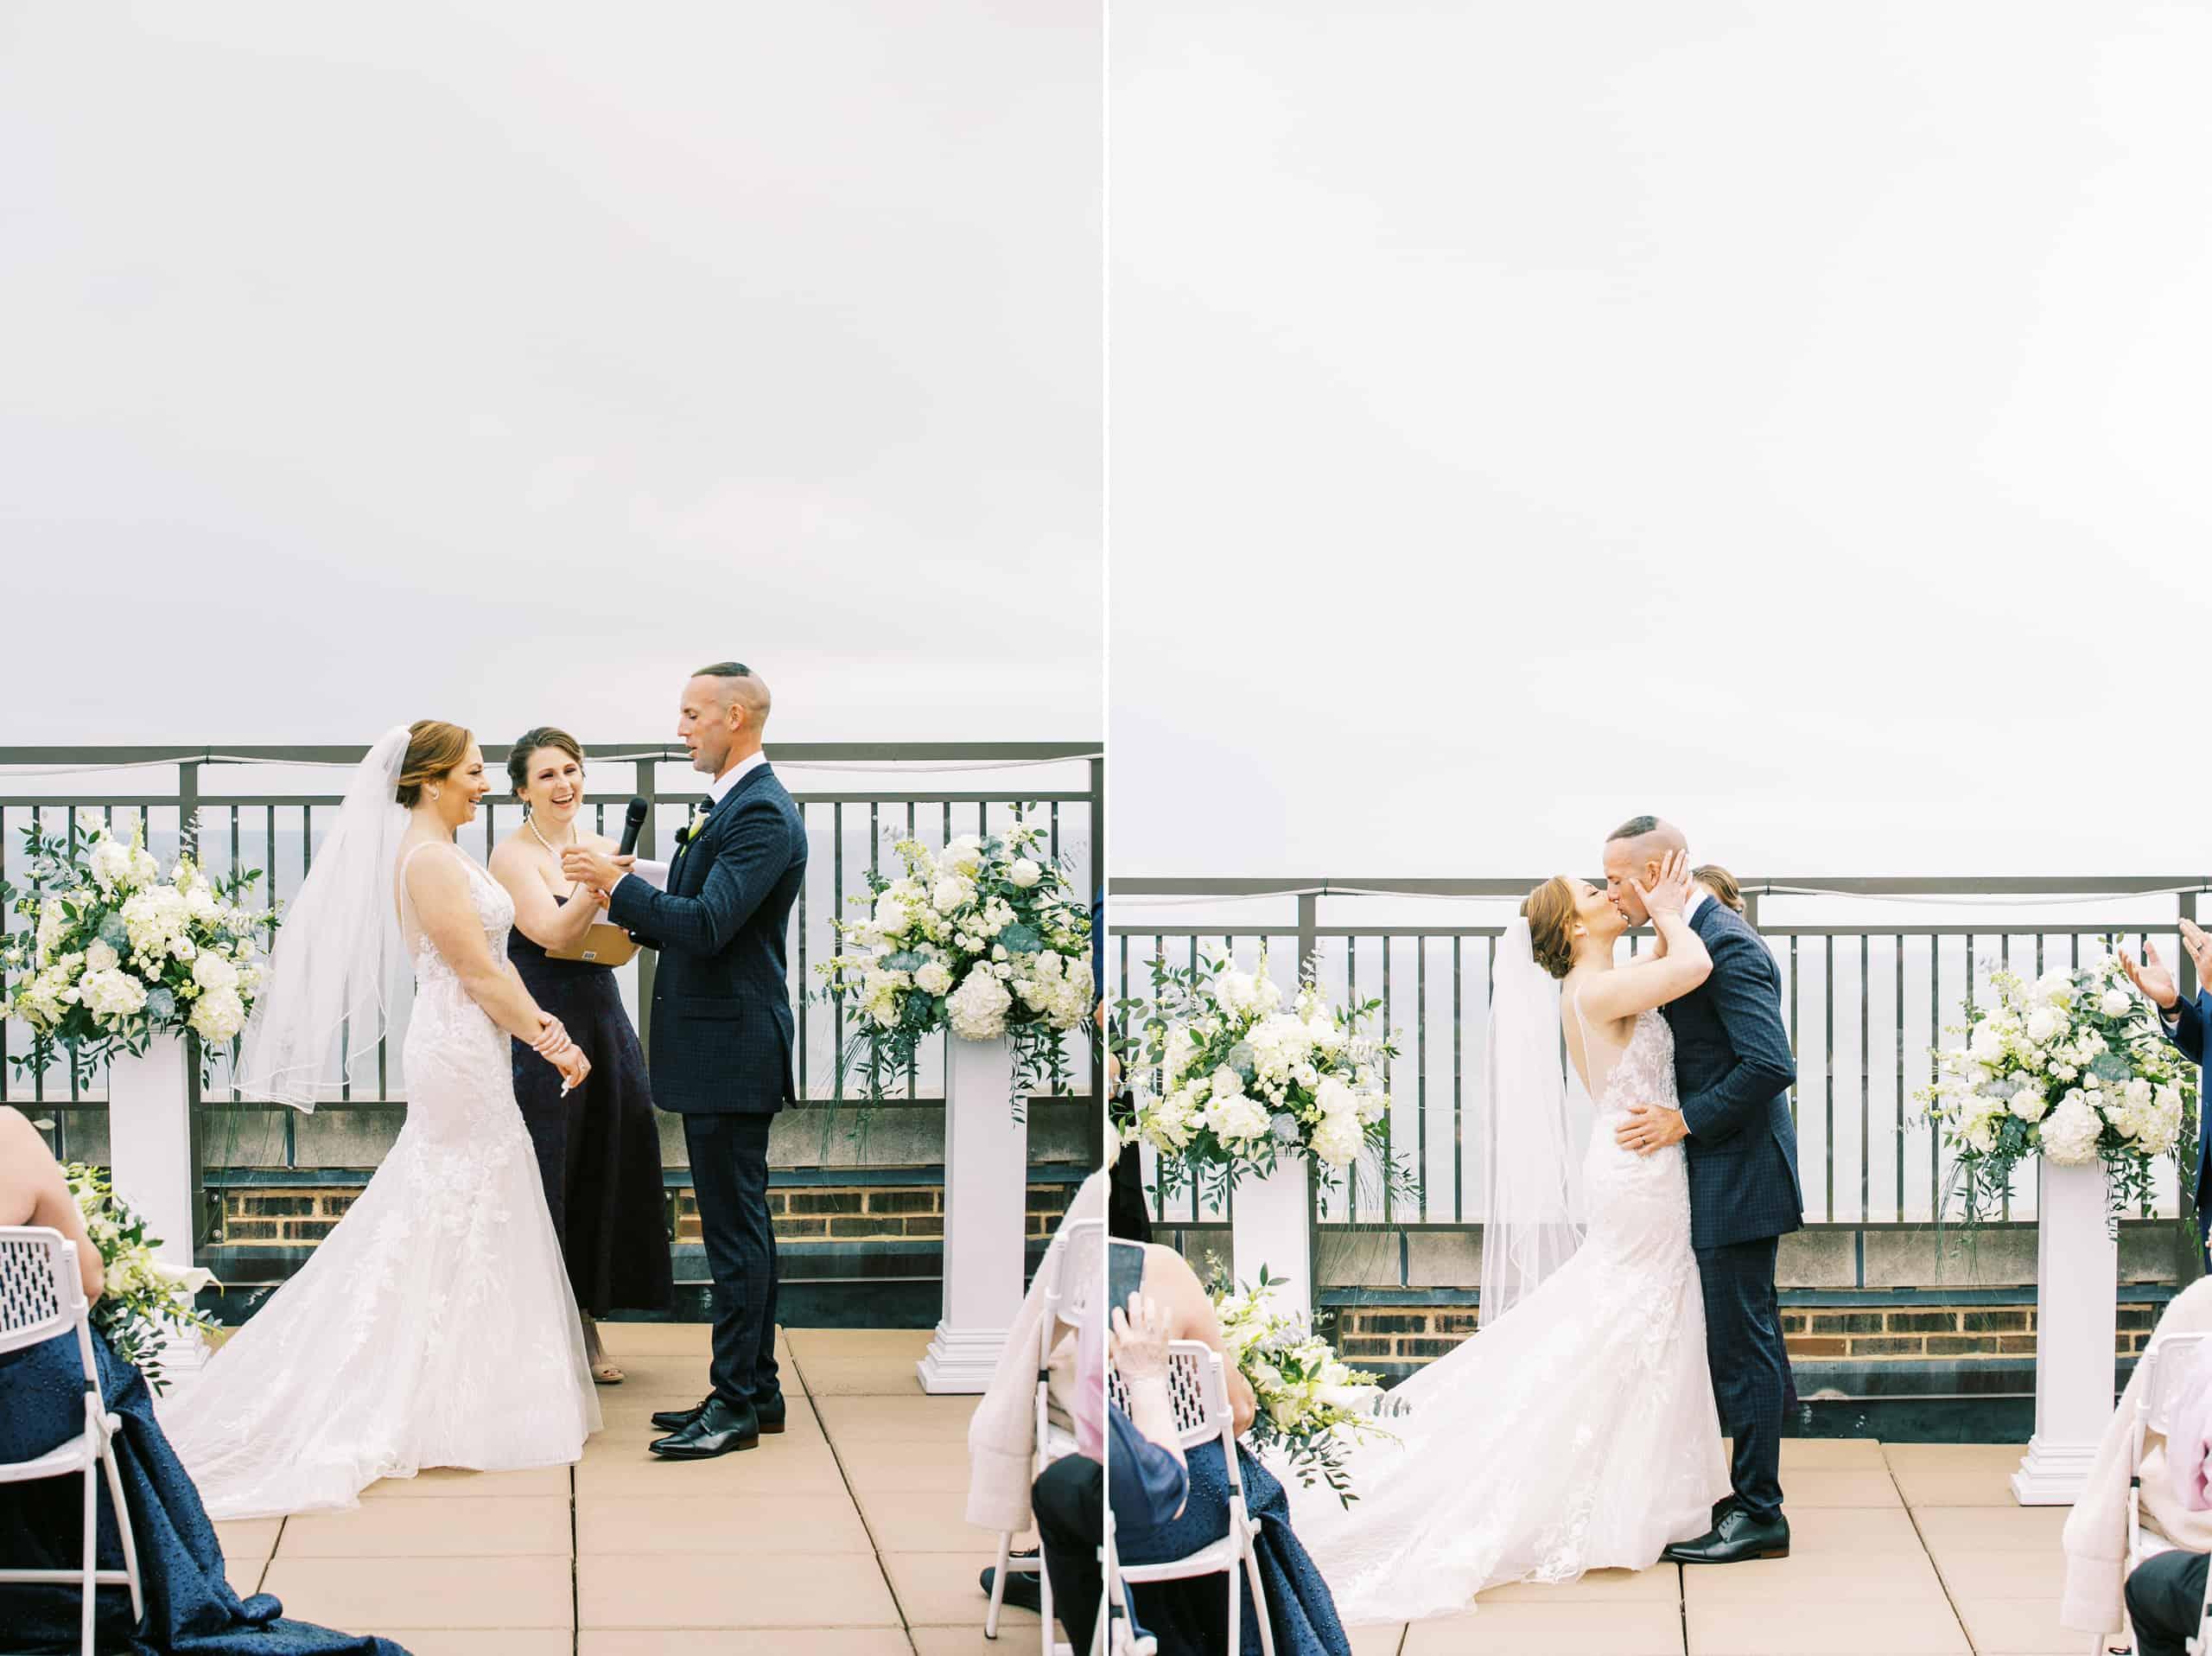 Wedding overlooking the ocean in Atlantic City